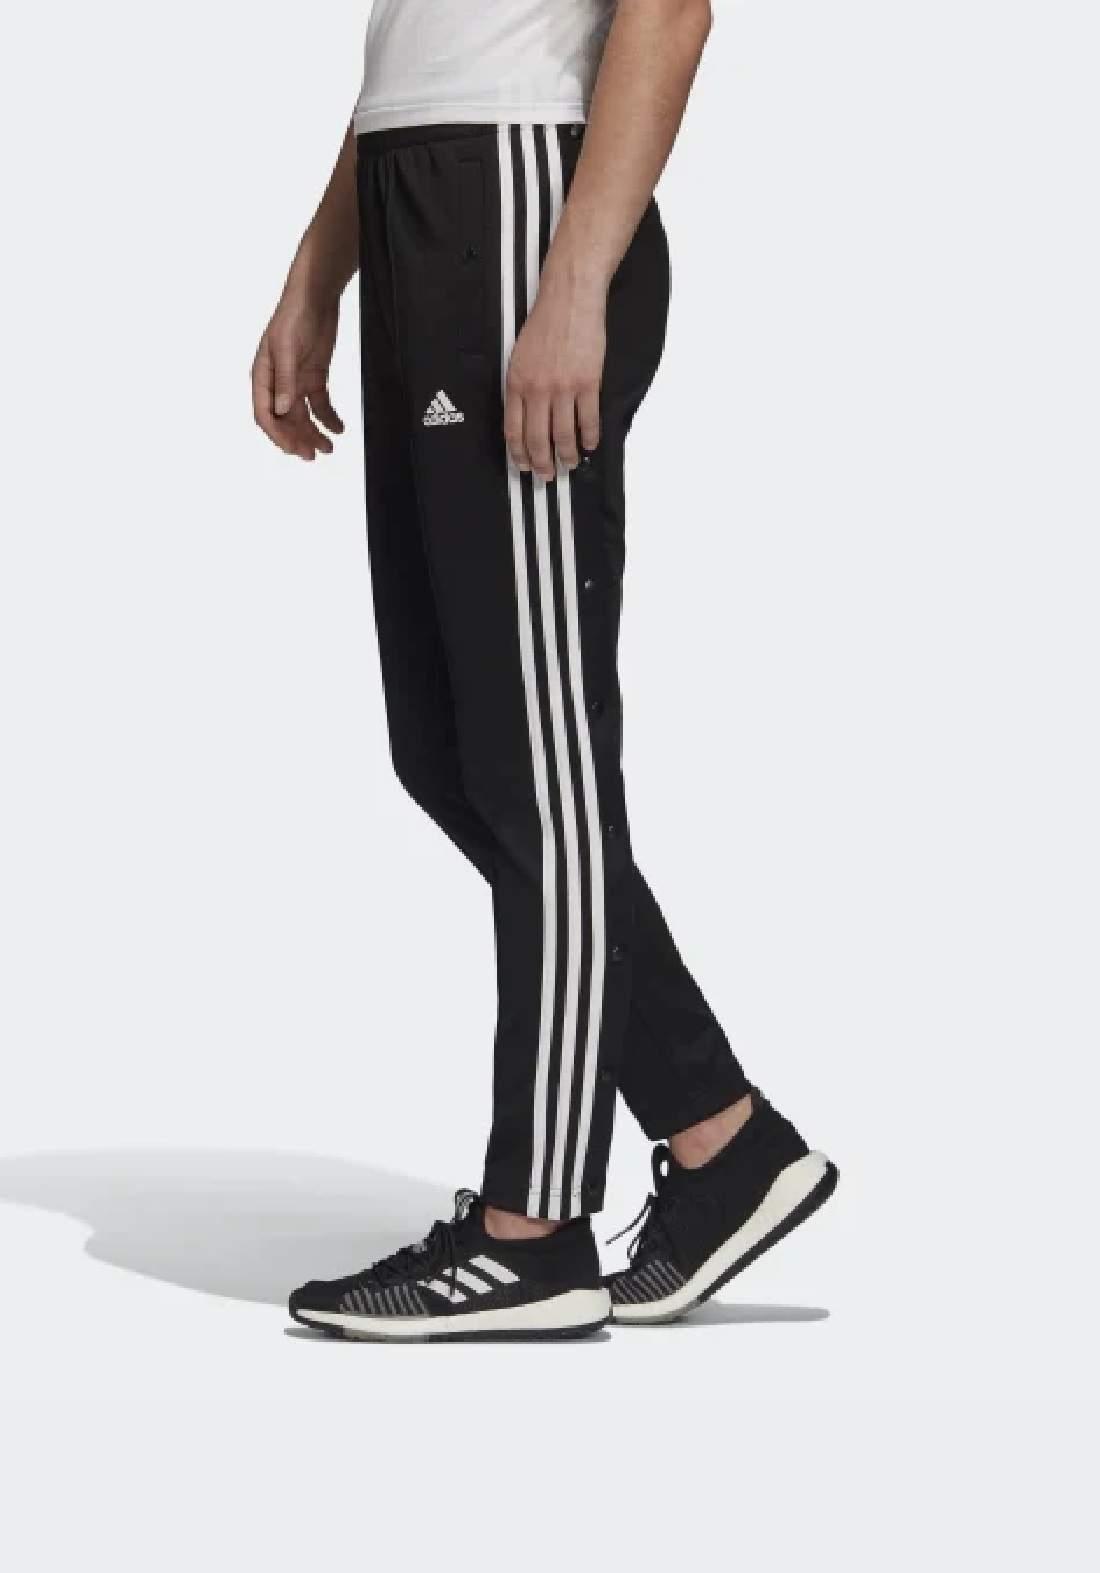 Adidas بنطلون رياضي رجالي اسود اللون من